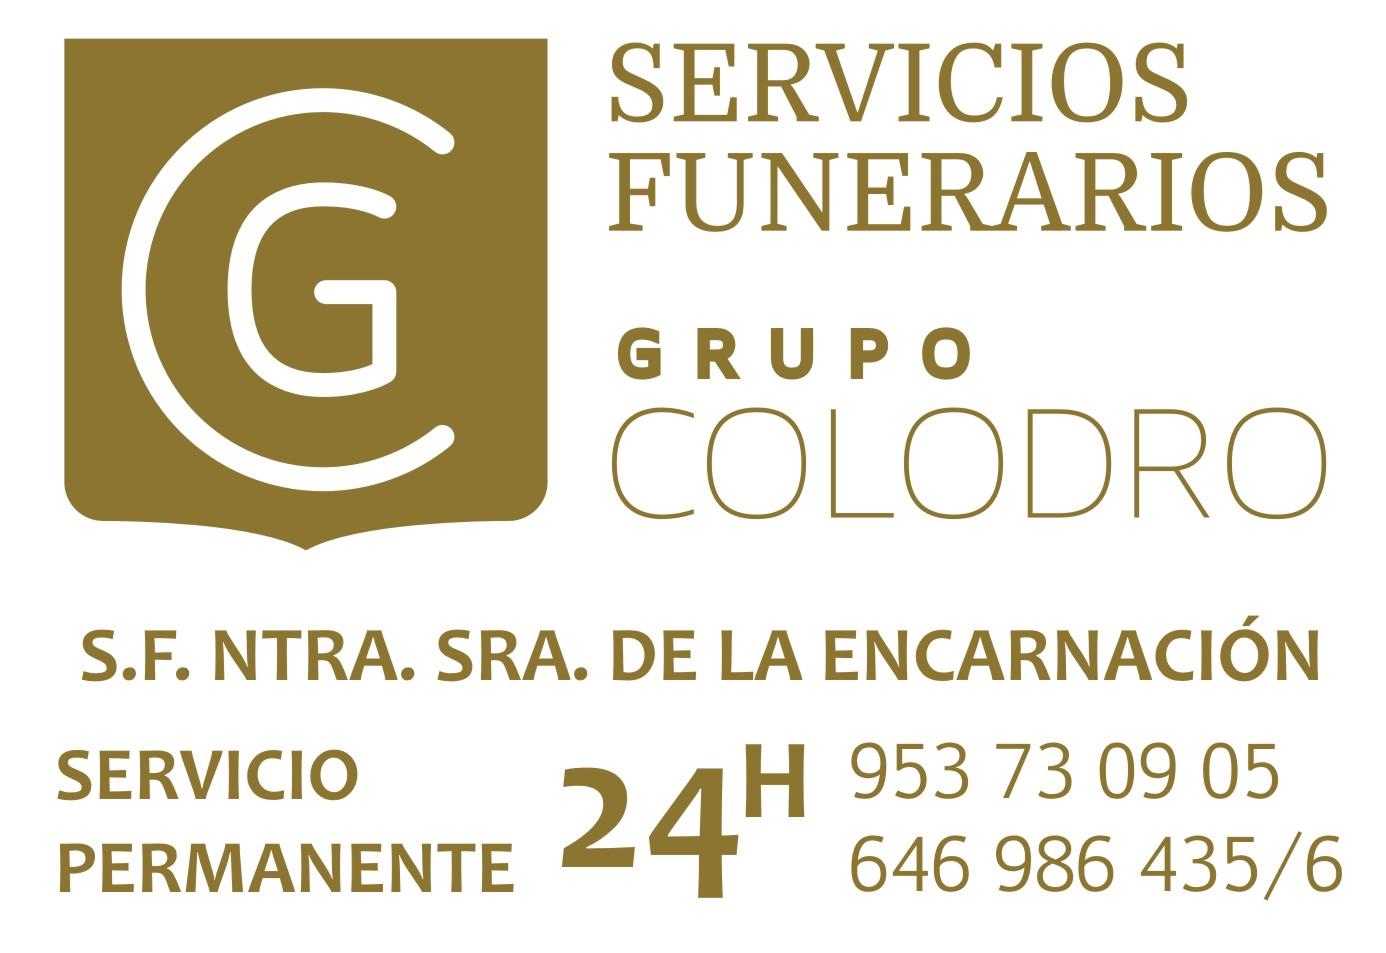 Funeraria y Tanatorios Juan Jose Colodro - Ntra. Sra. de la Encarnación